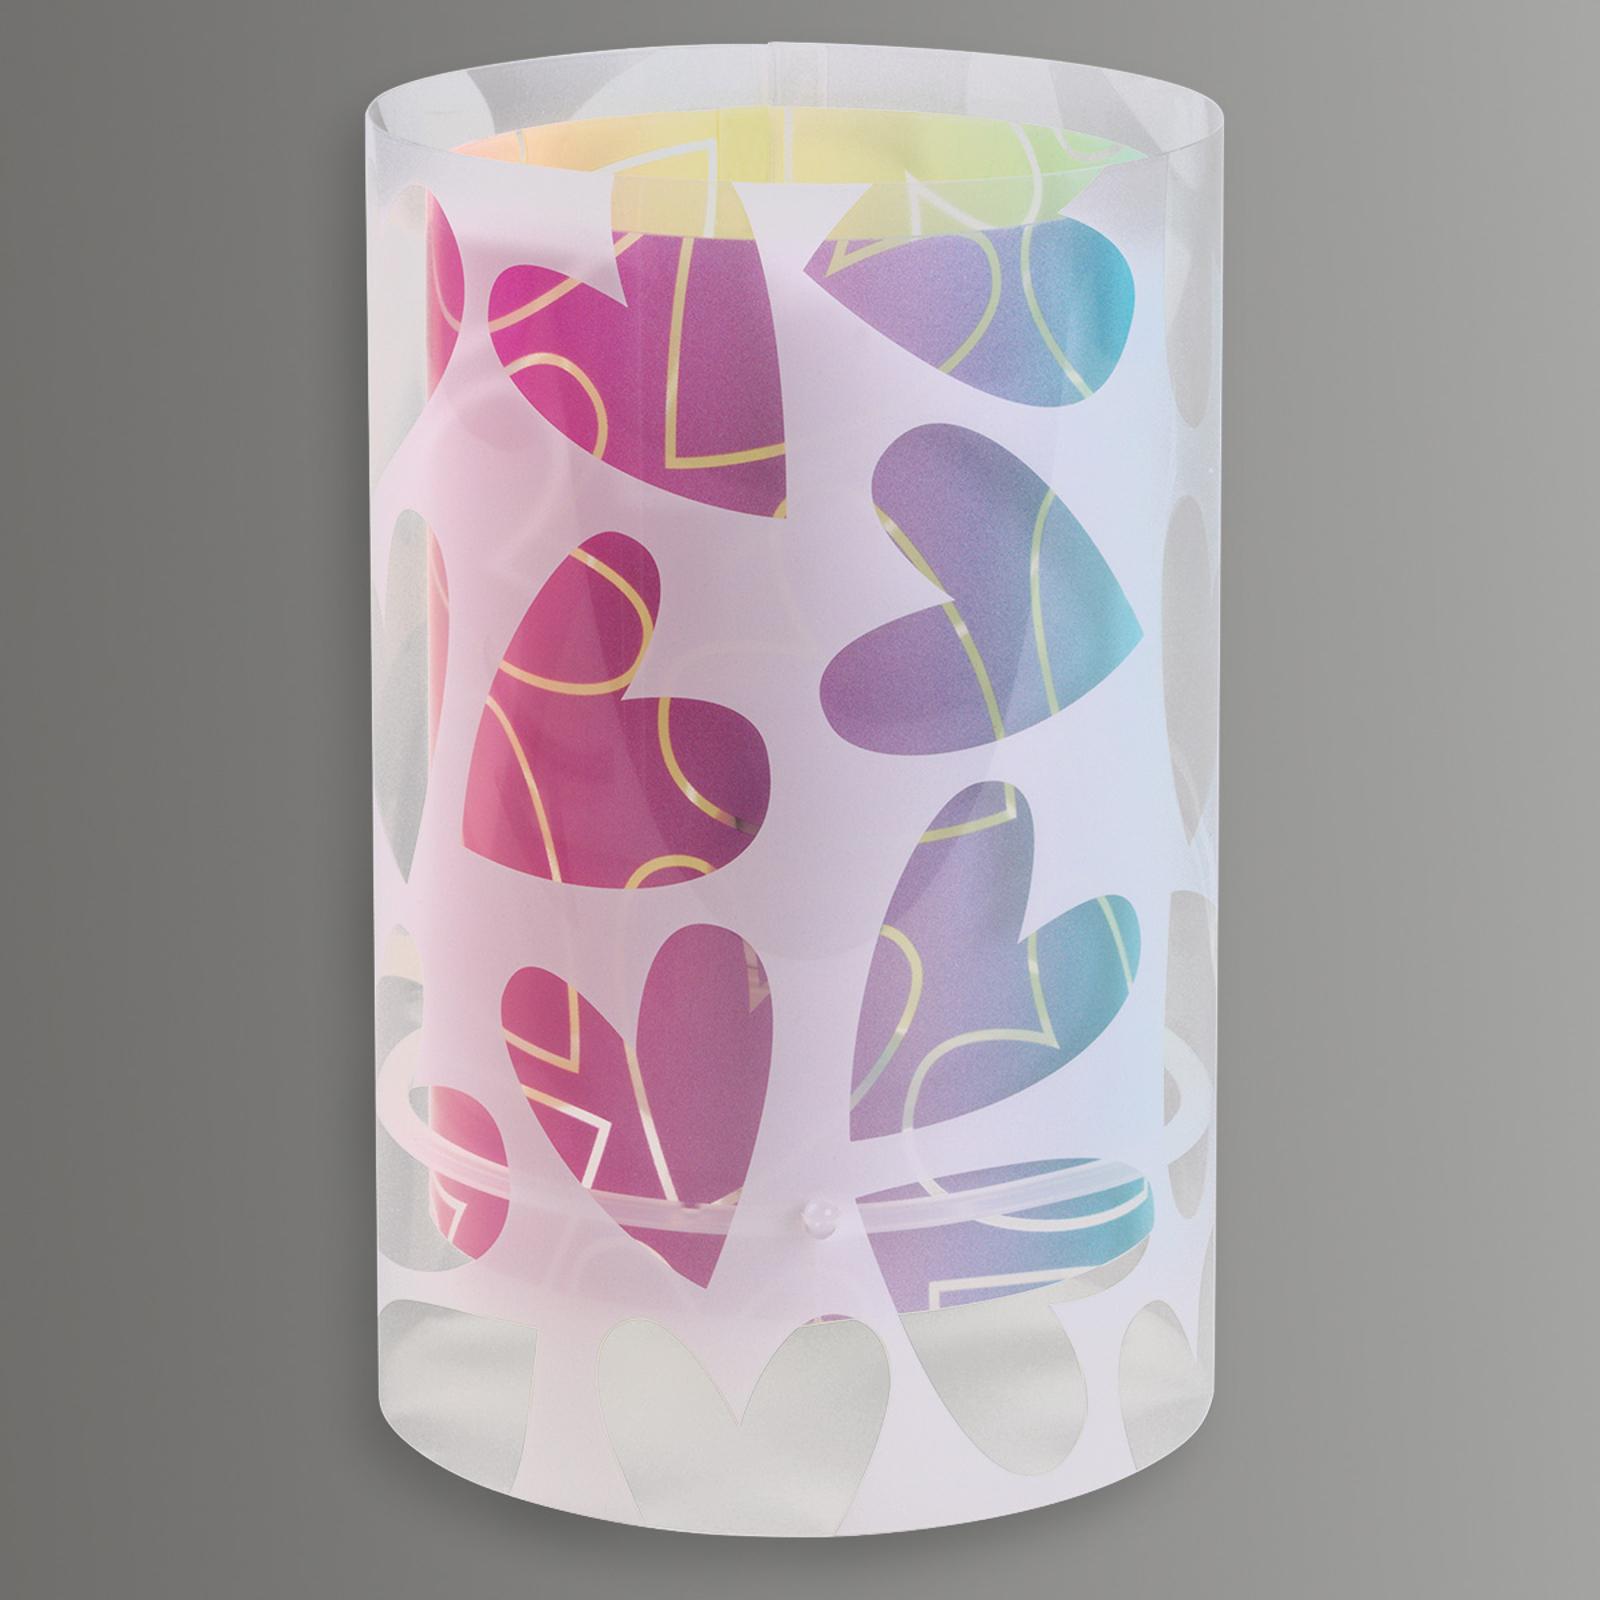 Cuore - lámpara de mesa decorada con corazones